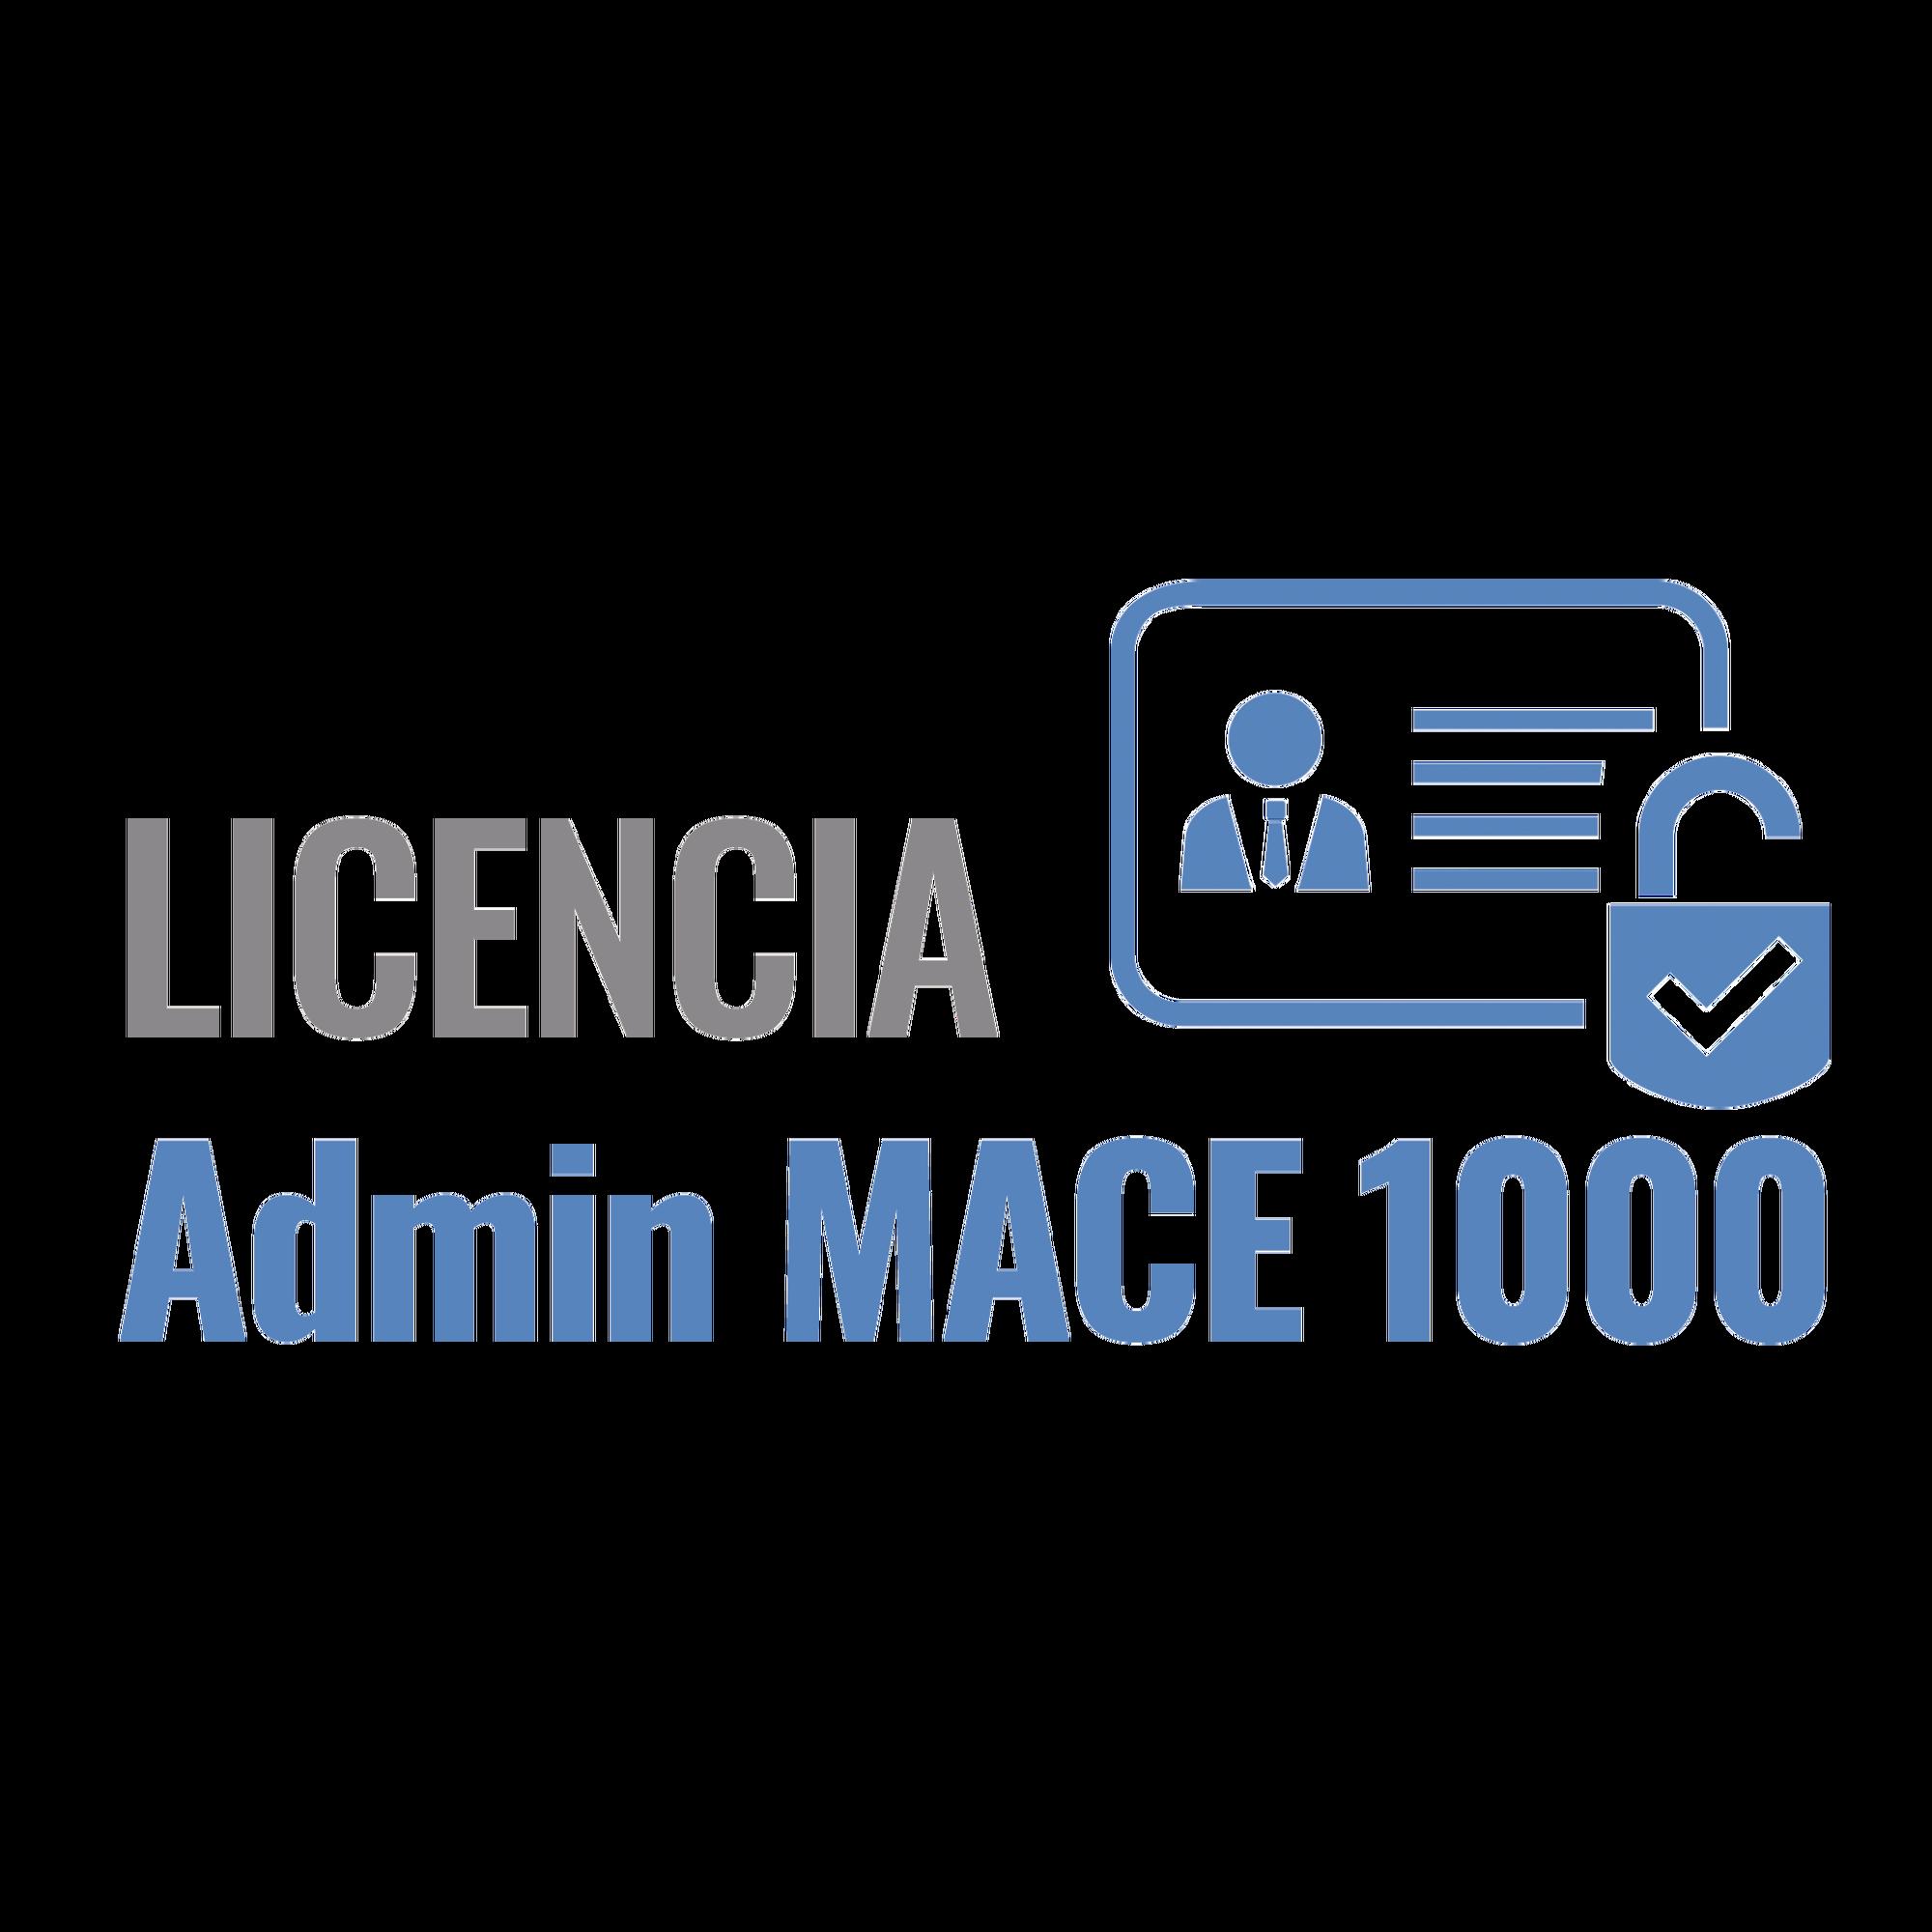 Paquete de 1000 tarjetas virtuales y servicio de administración (licencia de 1 año)